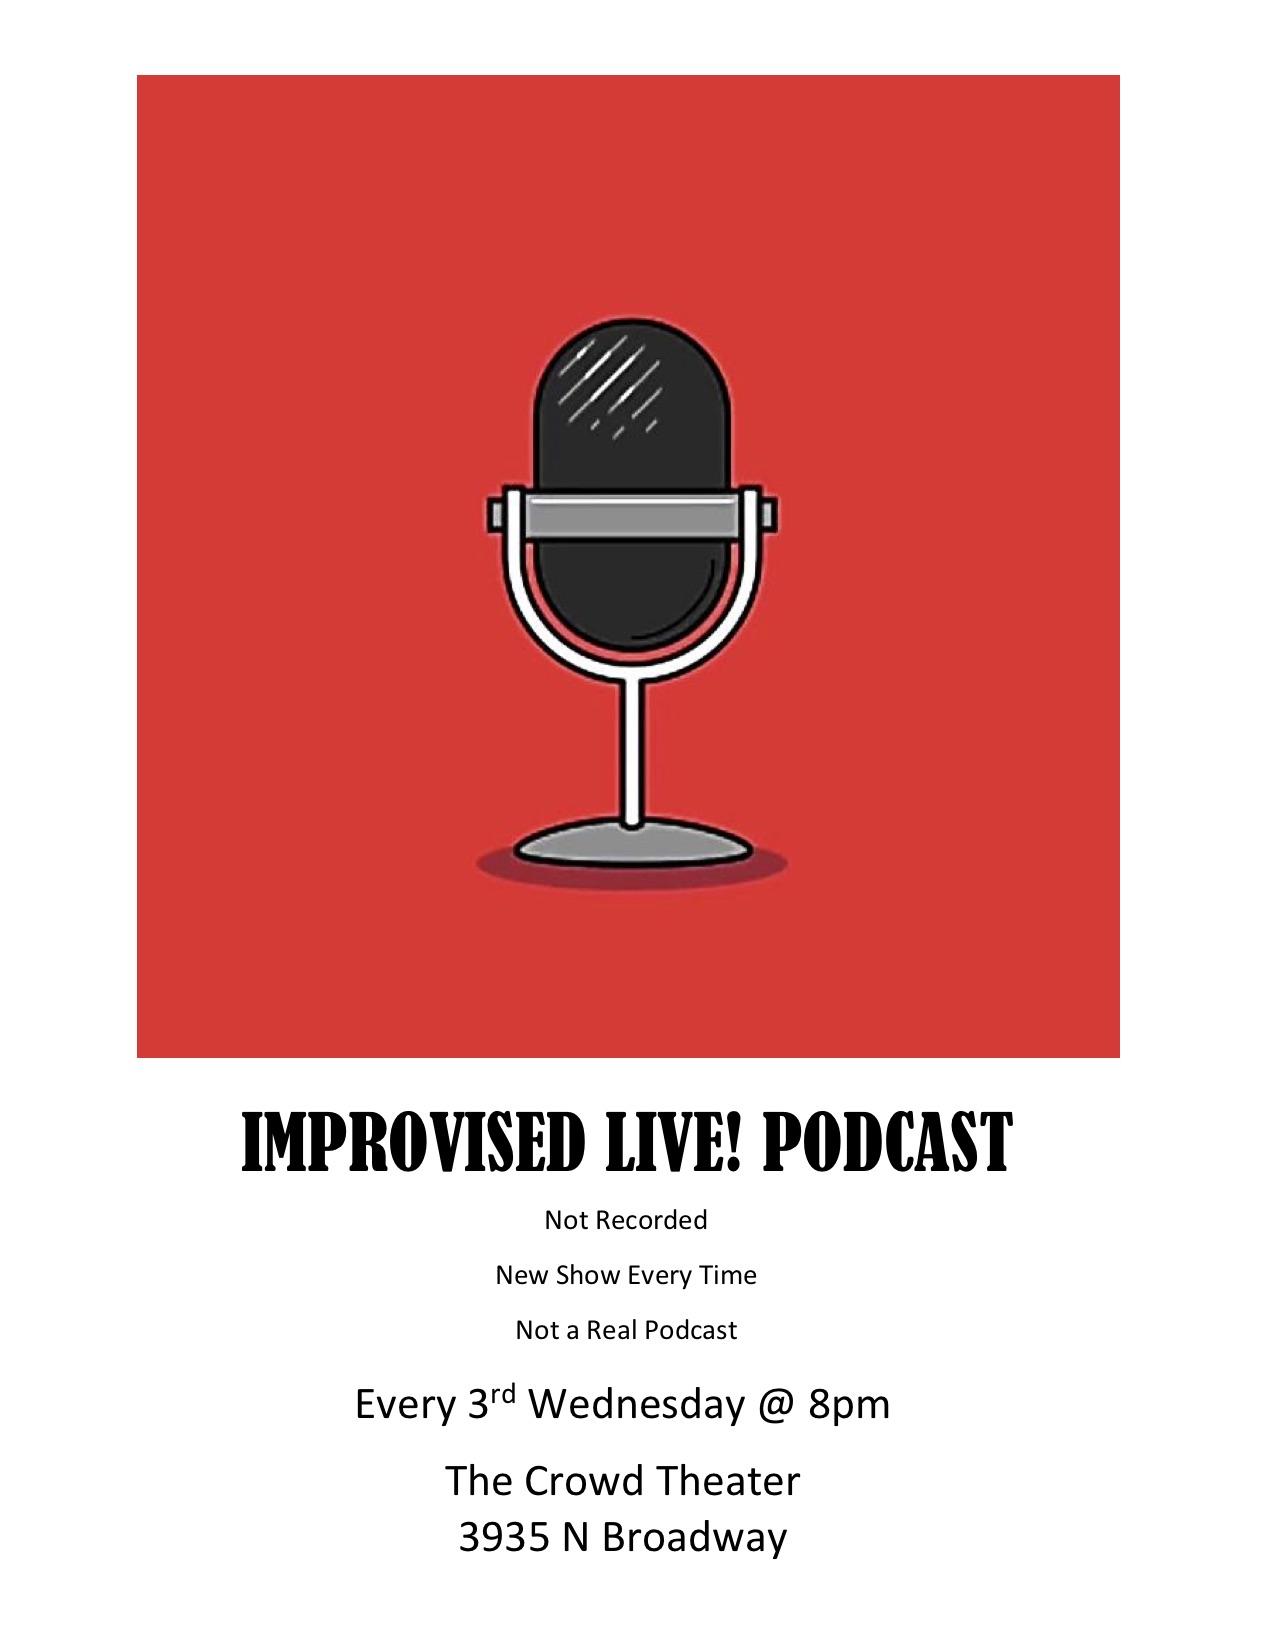 podcastposttt - Zach Hacker.jpg